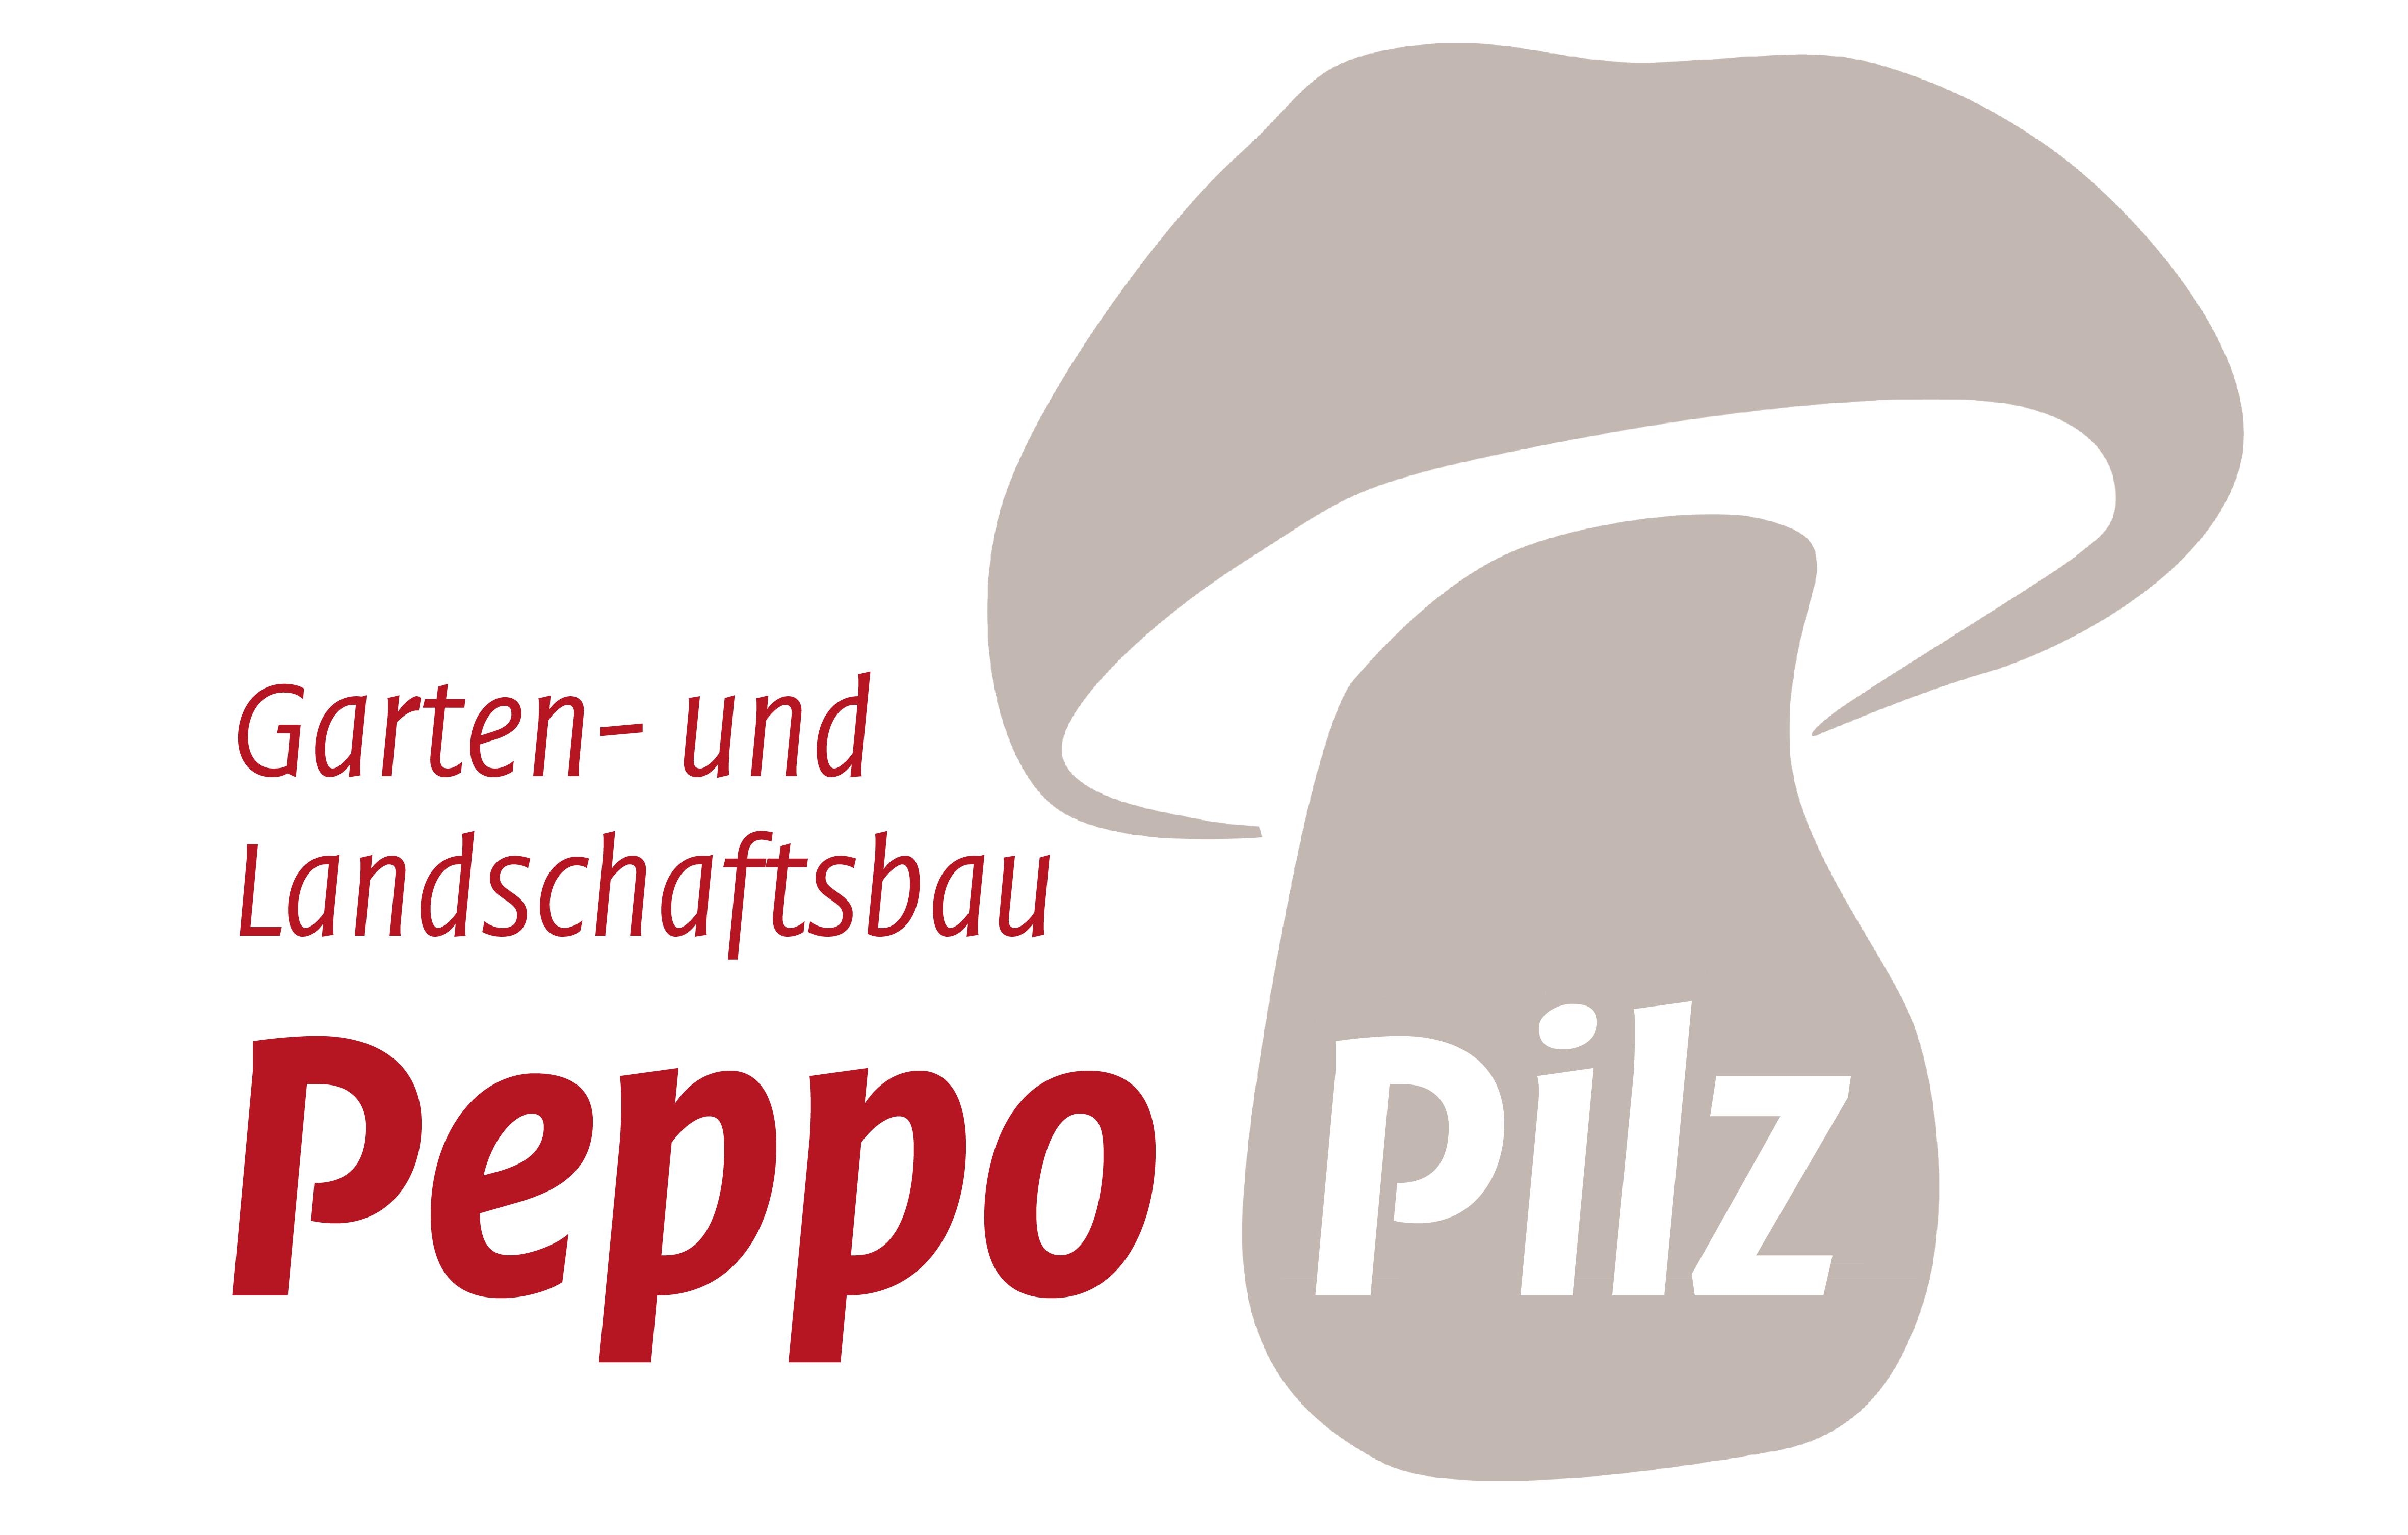 Peppo Pilz